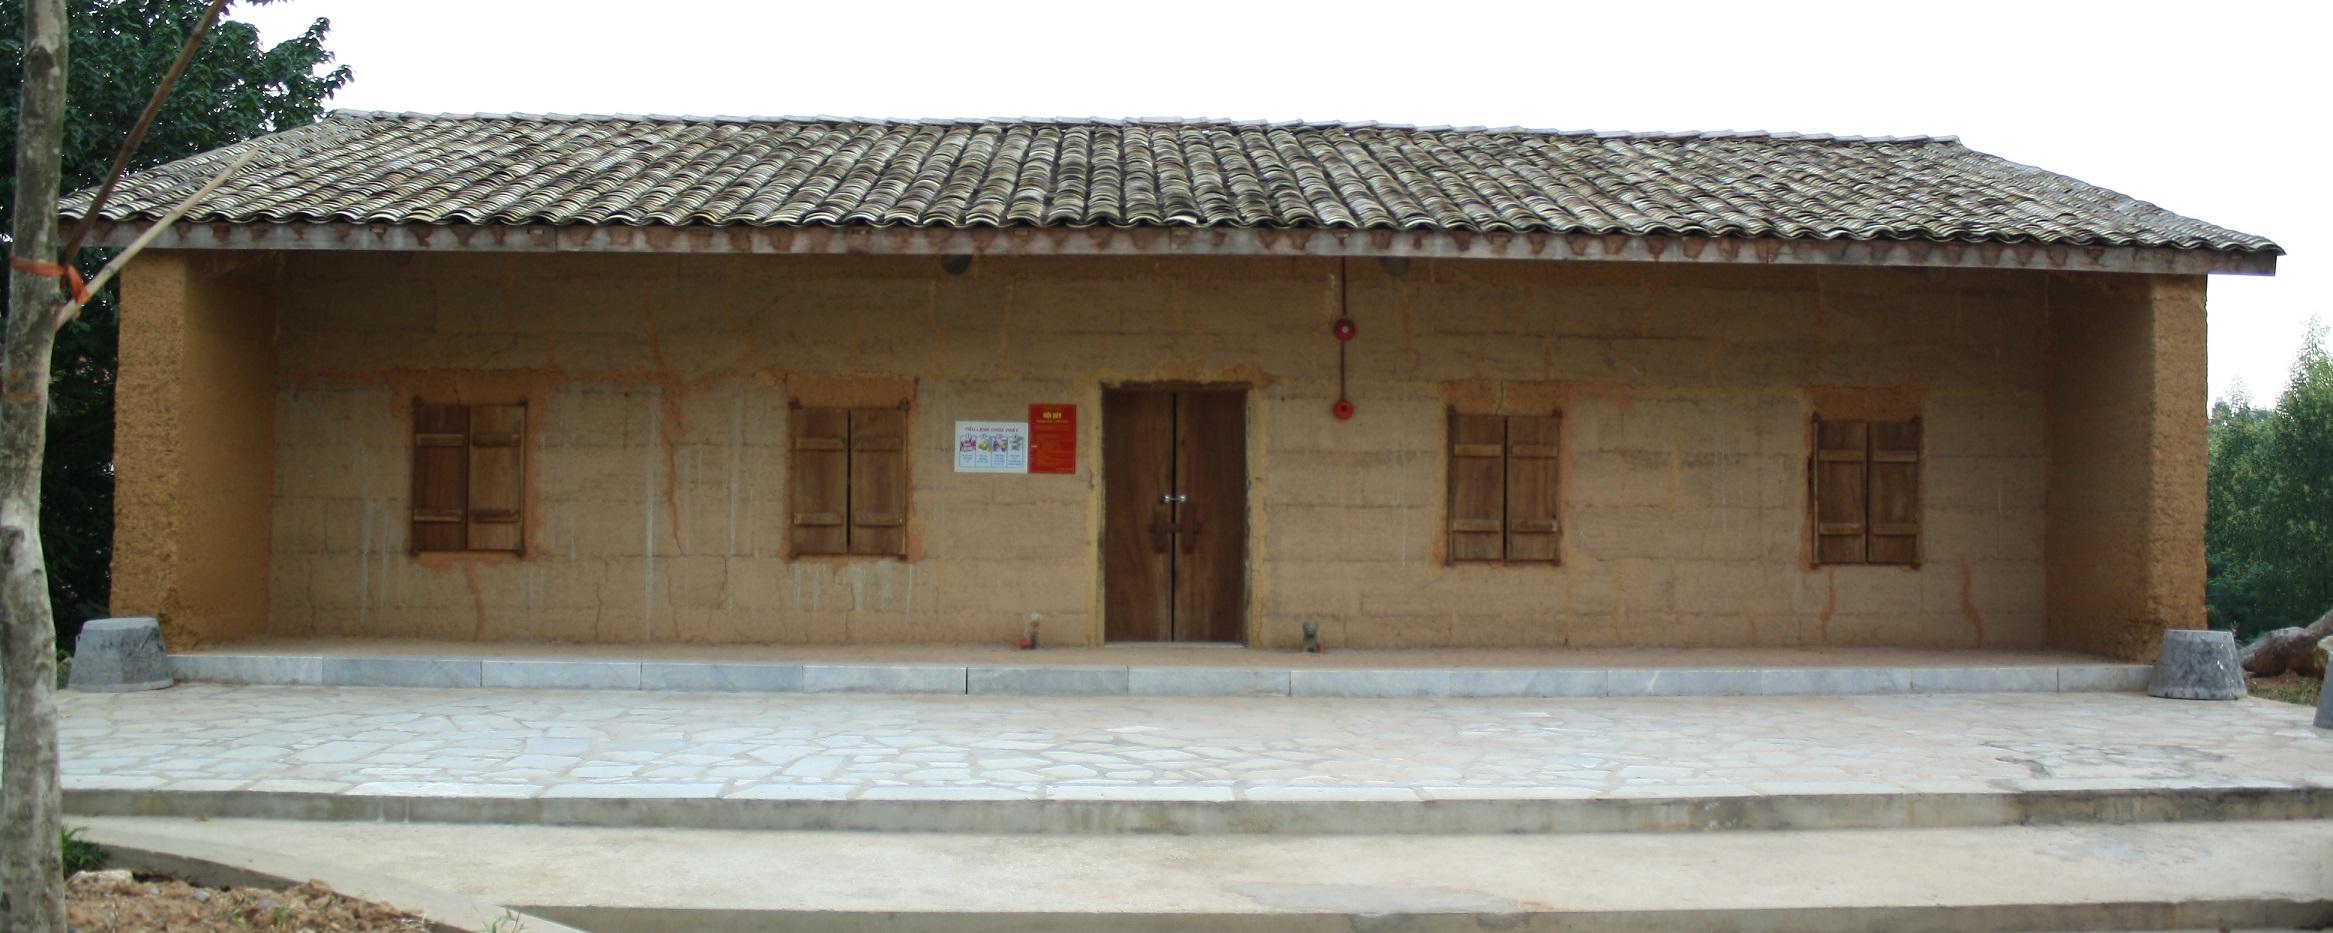 Kiến trúc dân tộc vùng núi phía Bắc 41